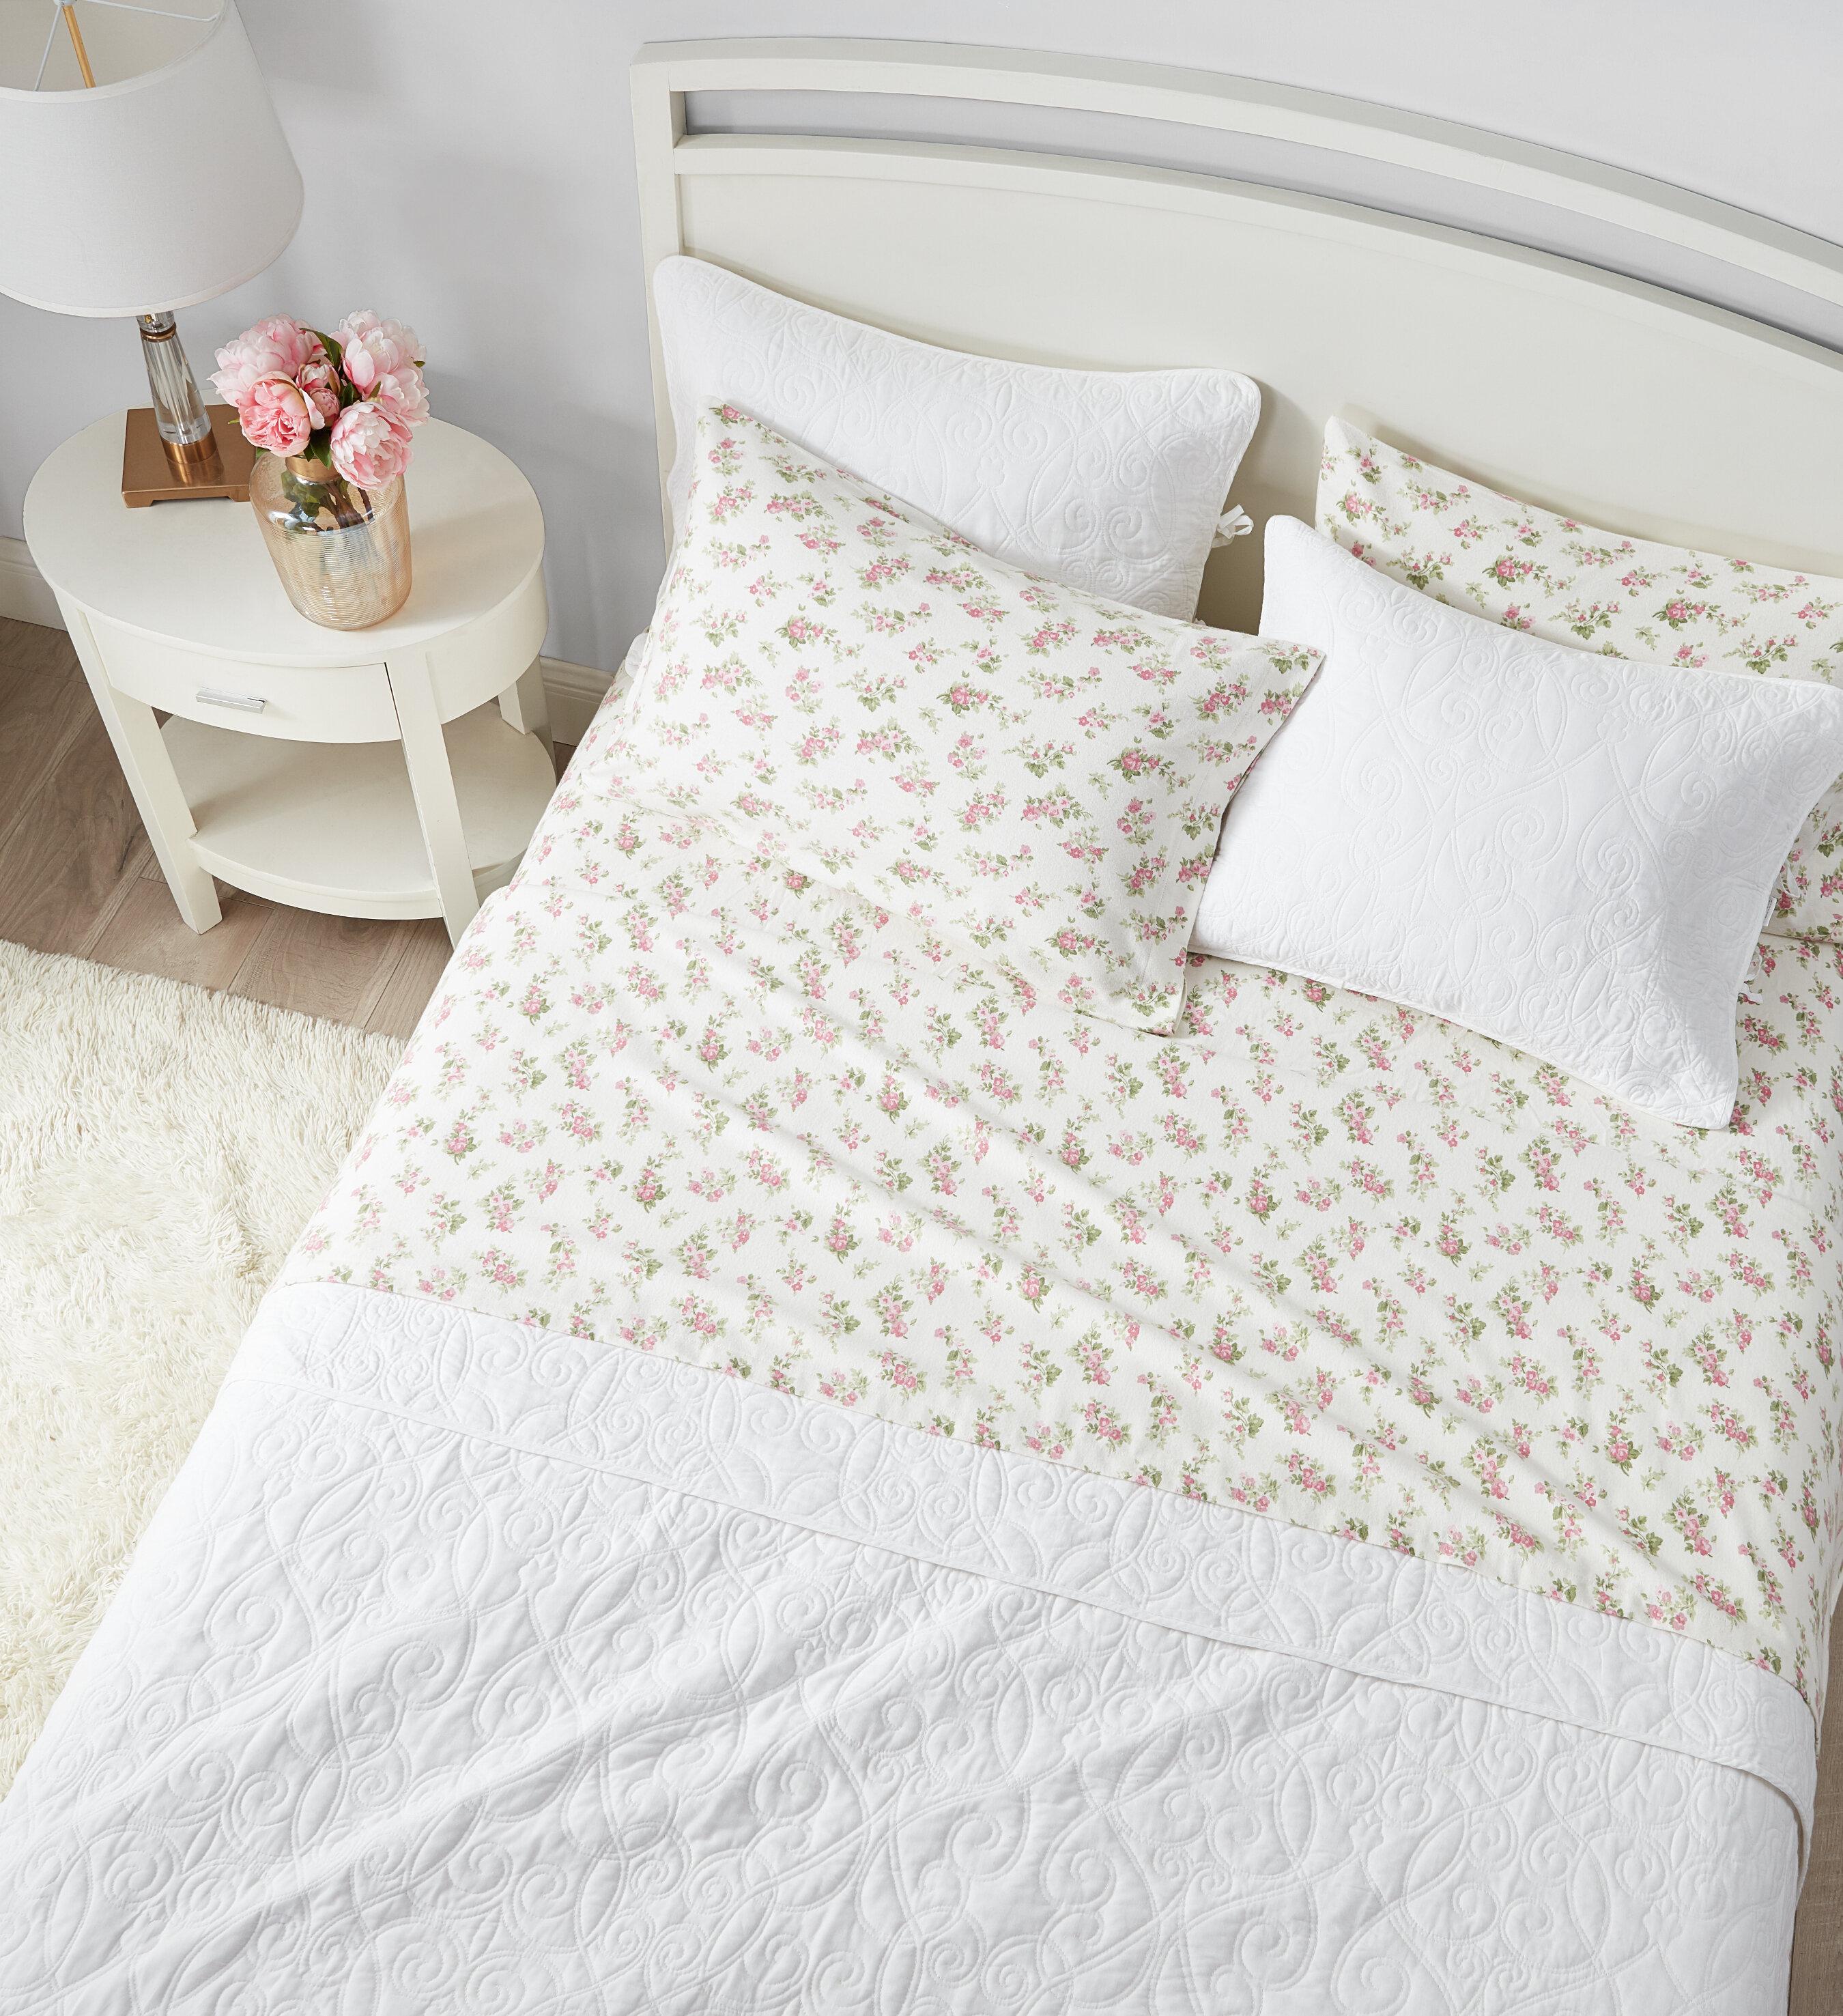 Laura Ashley Audrey Floral Flannel Sheet Set Reviews